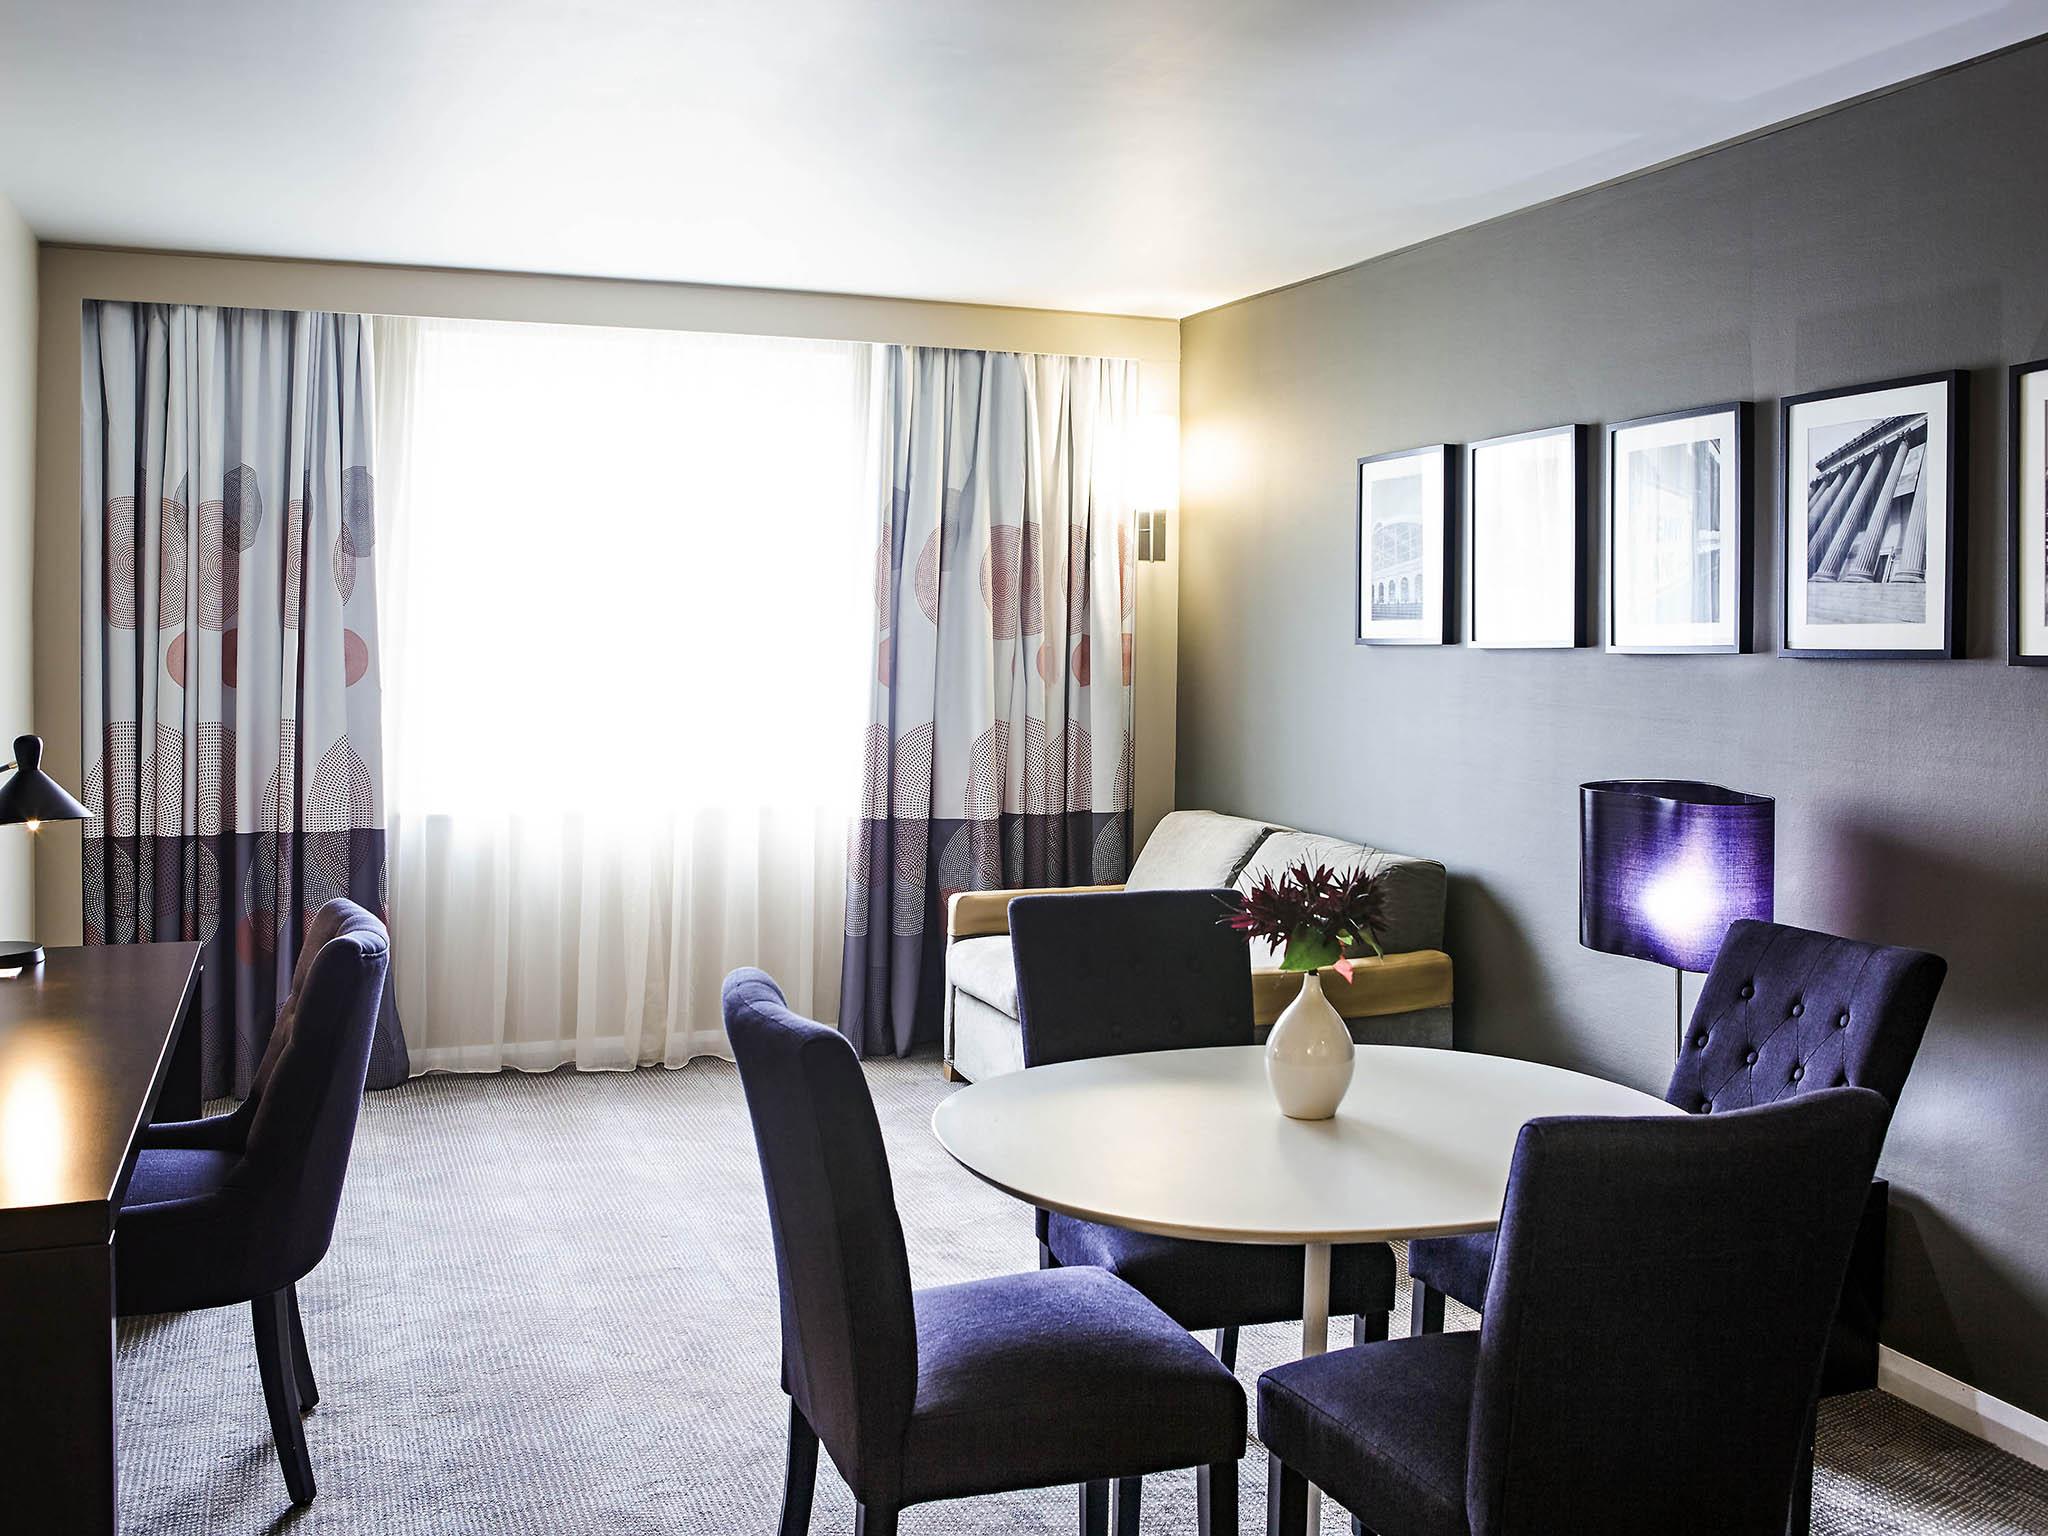 Novotel Liverpool Centre | Contemporary Hotel in Liverpool